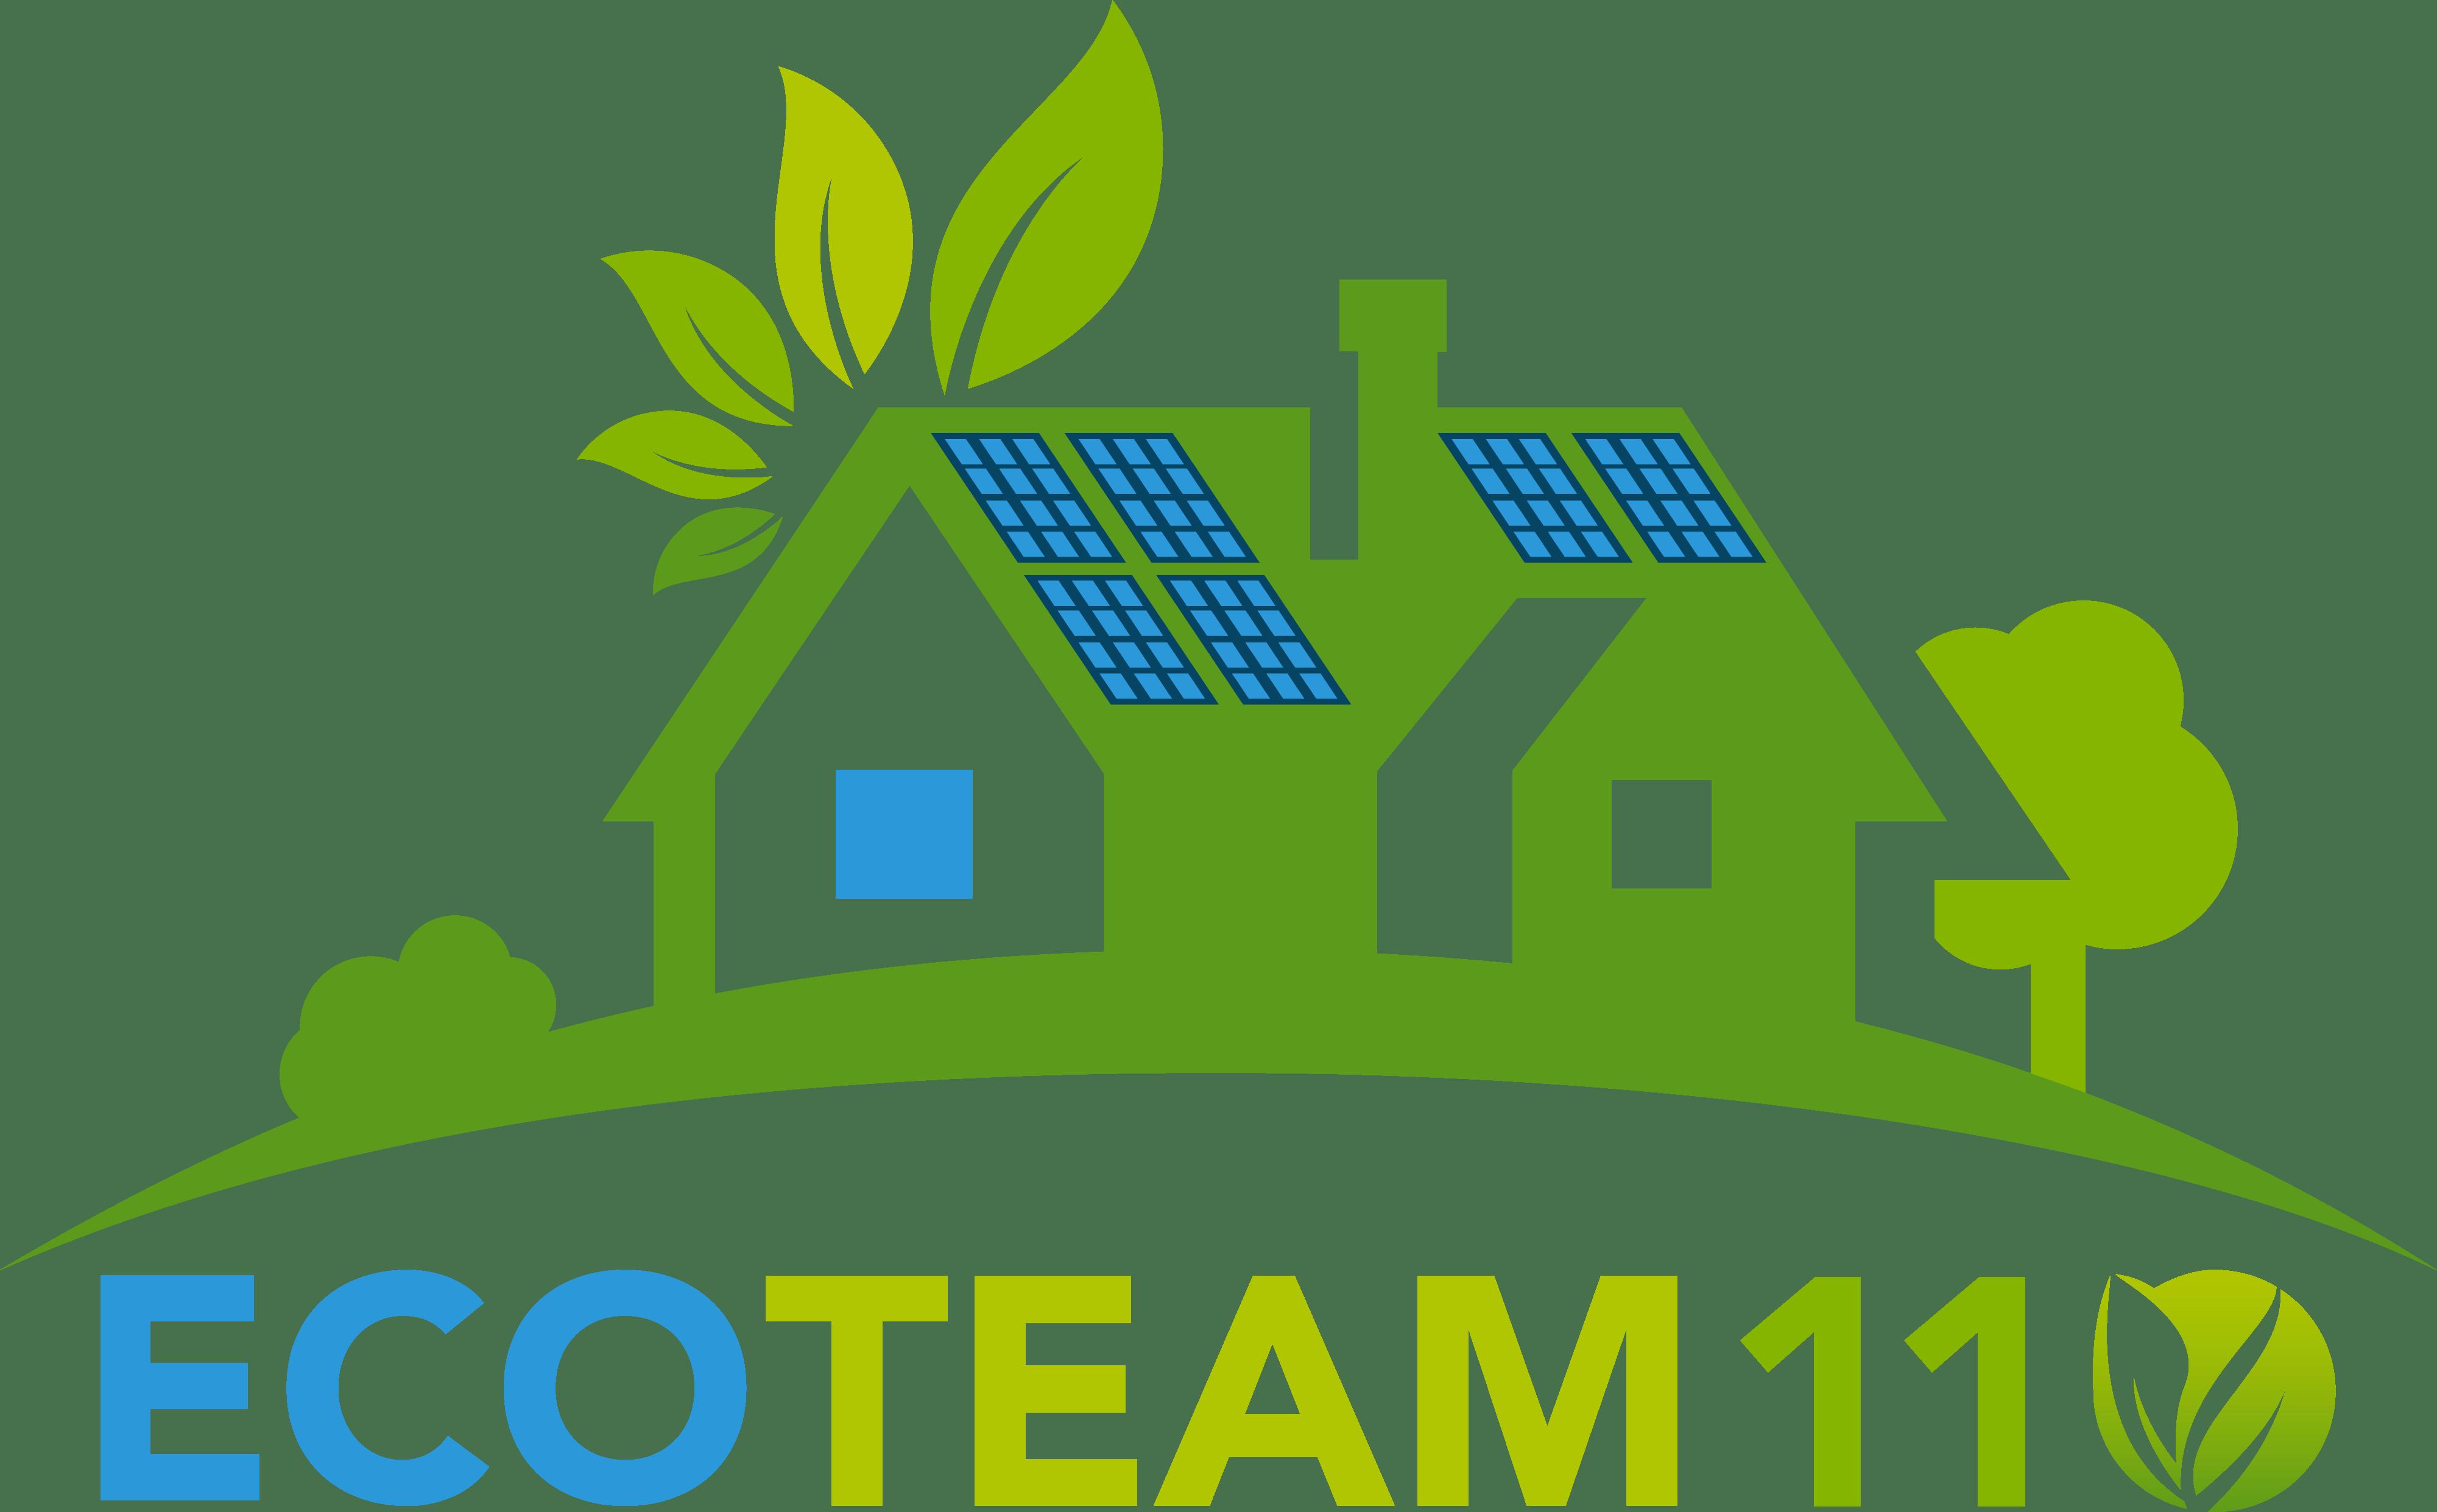 Eco Team 110